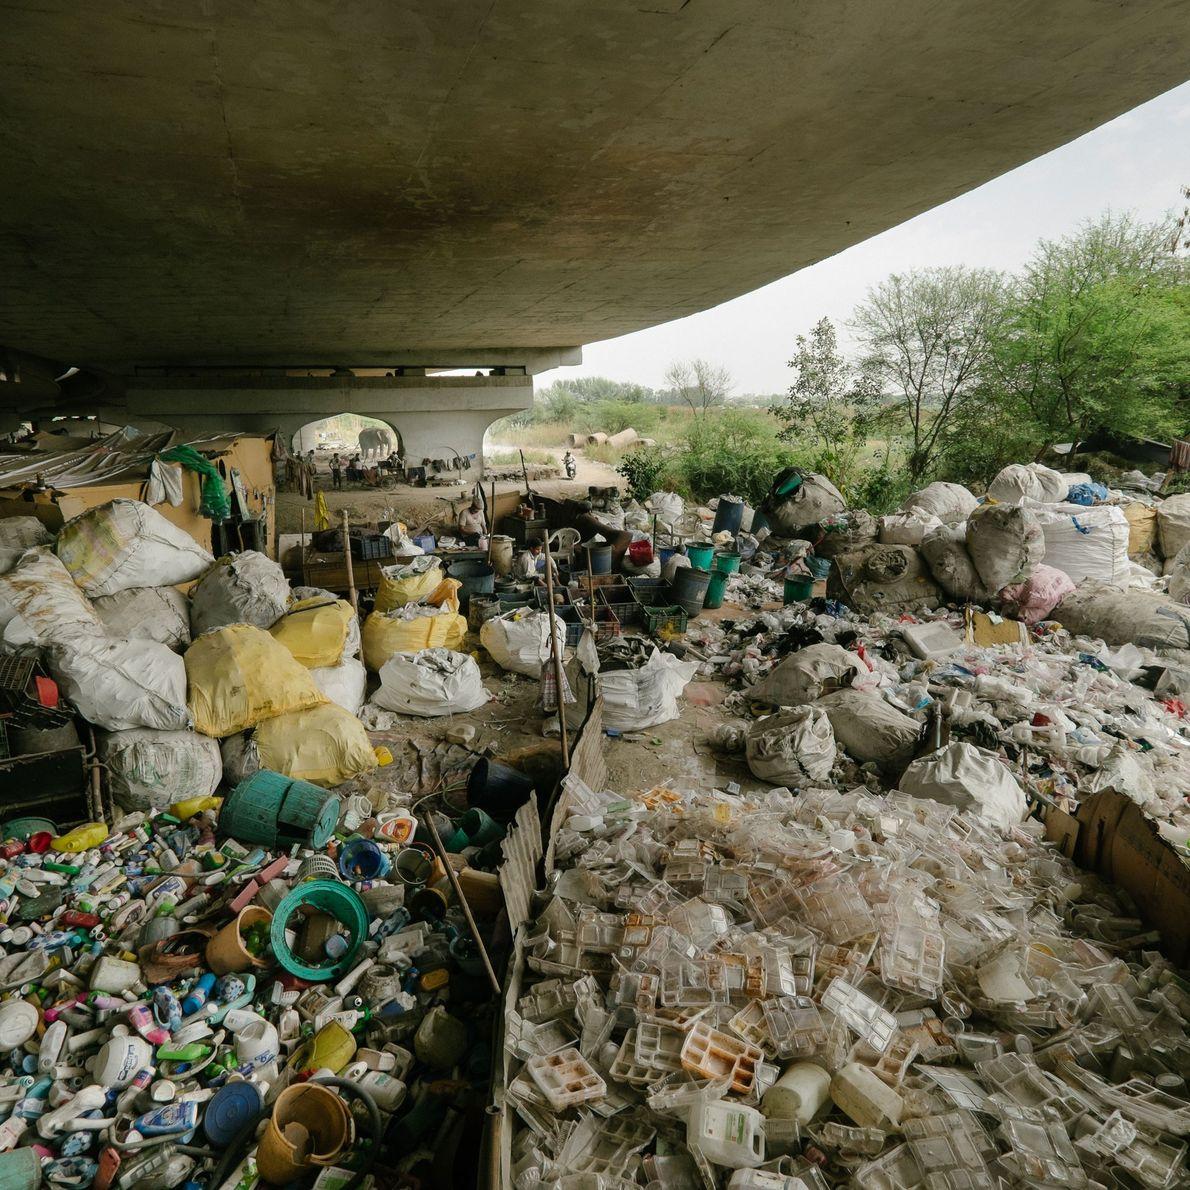 Recicladores que viven debajo un puente, por debajo de la carretera Grand Trunk